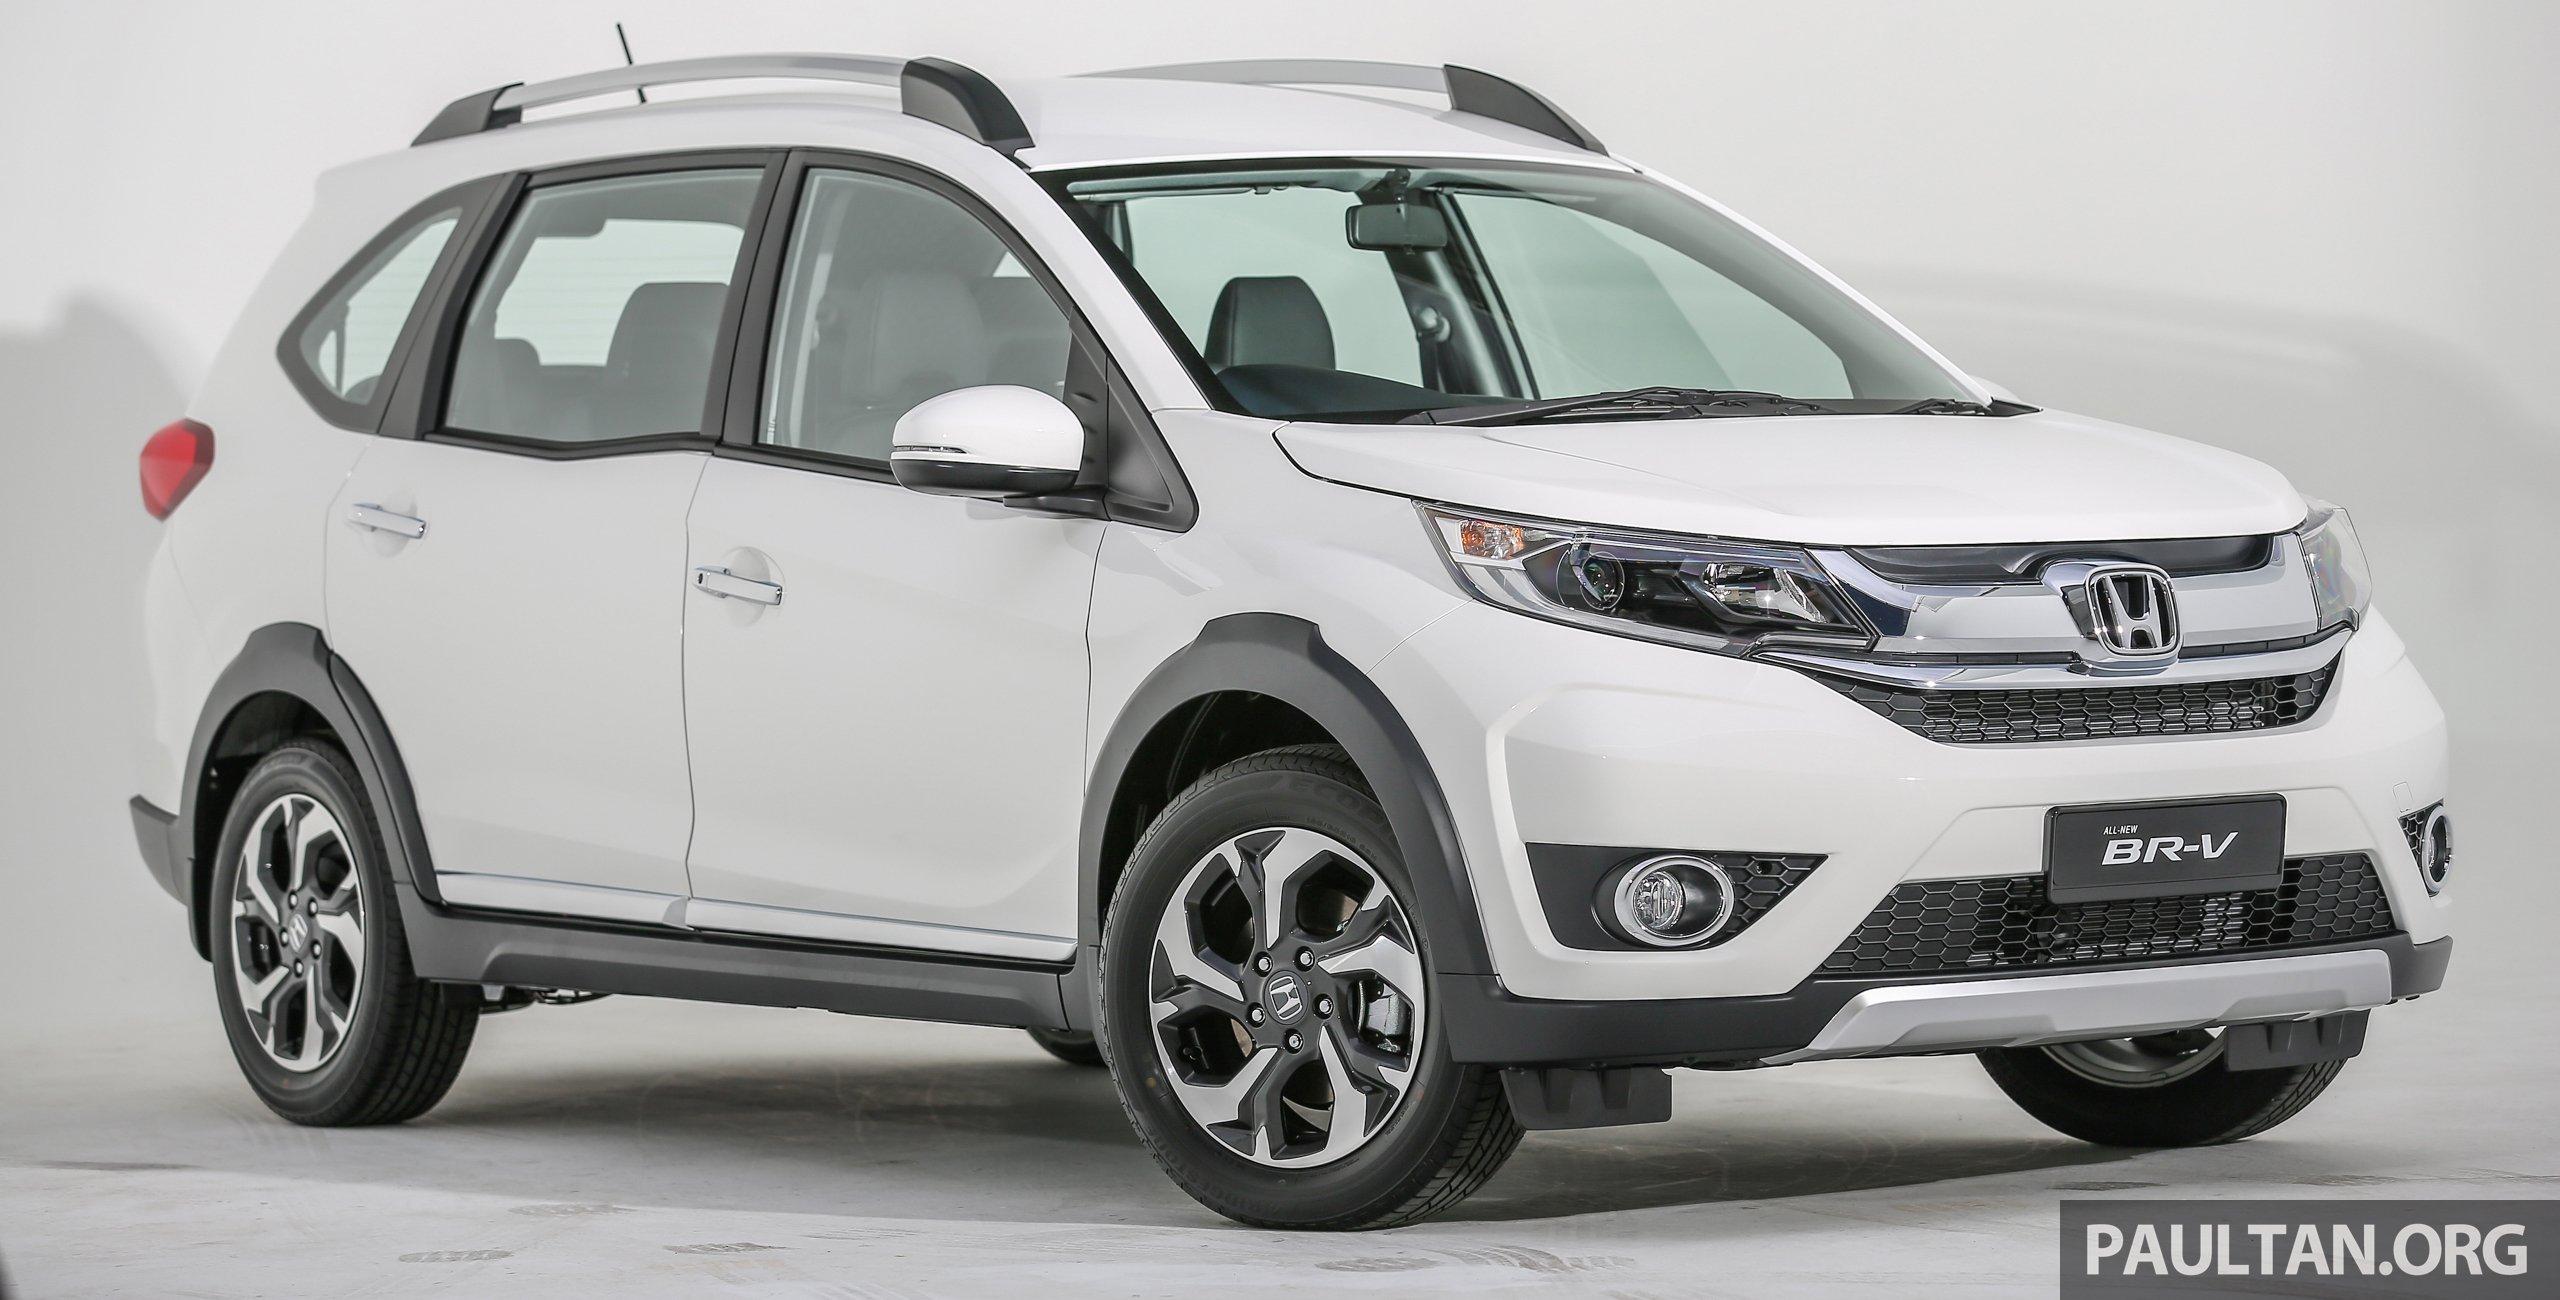 新车图集: Honda BR-V 1.5V,集SUV和MPV特点于一身。 Honda ...